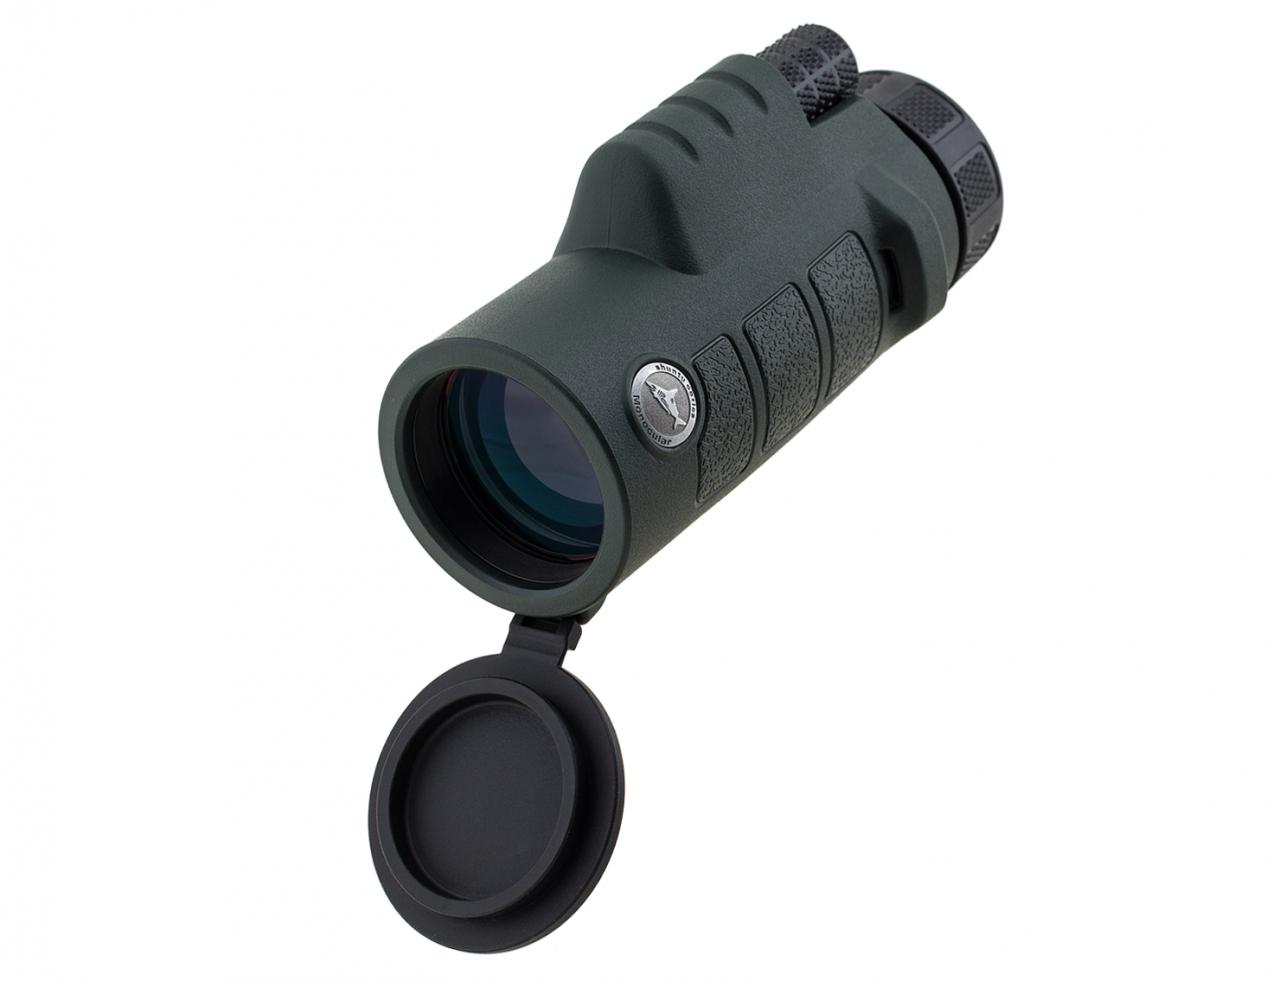 Монокуляр для охоты и туризма Shuntu 8X42